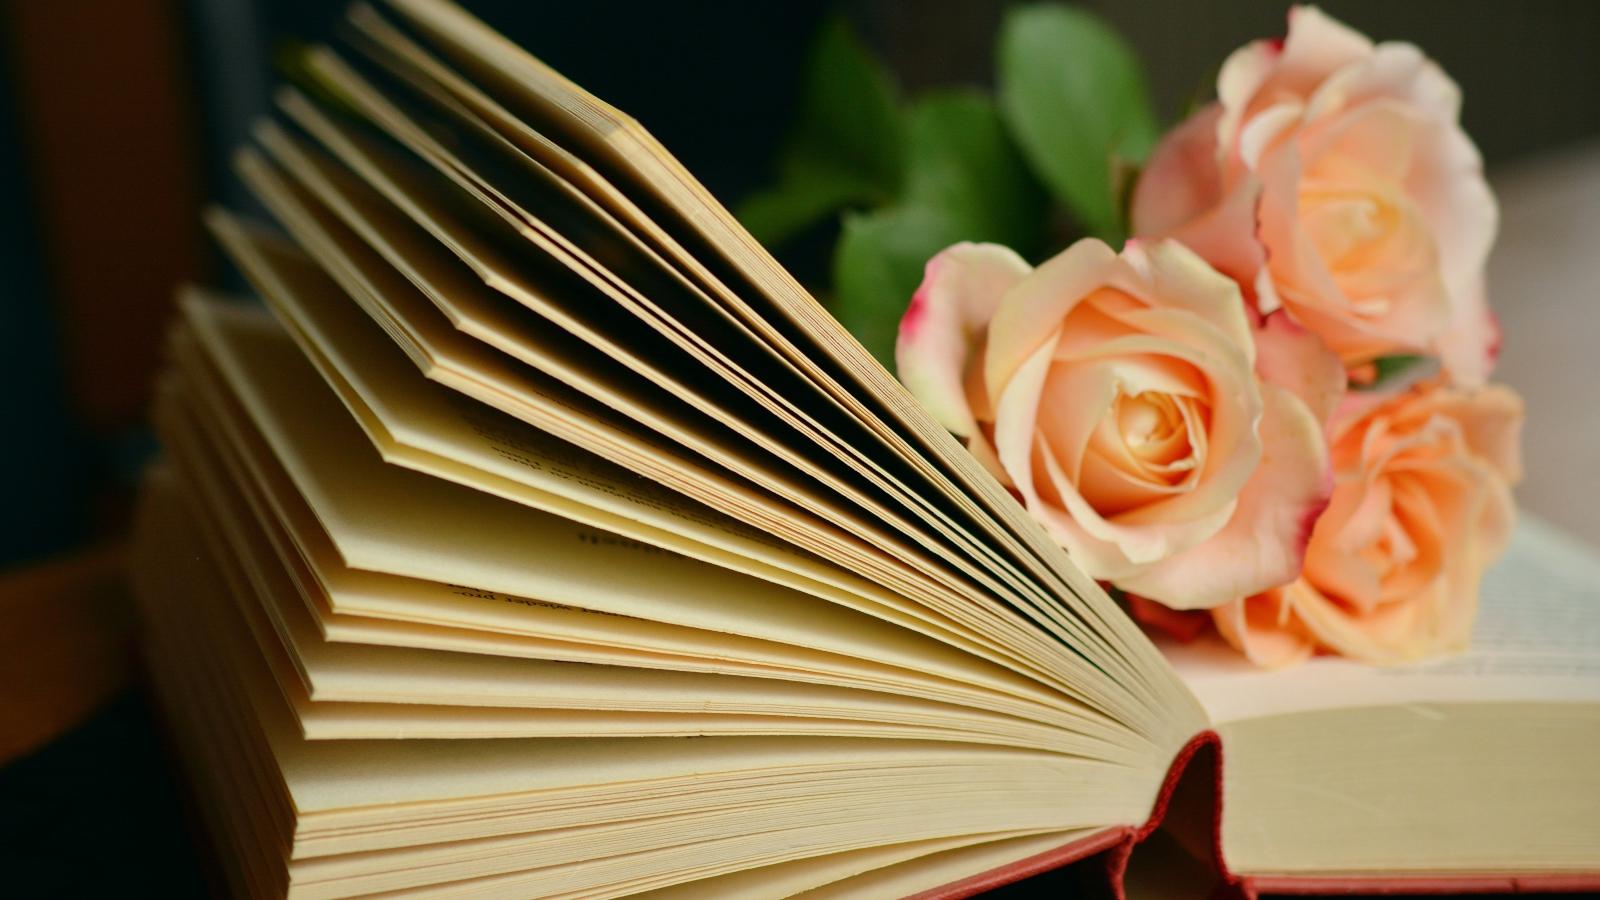 腹有诗书气自华:你读什么书,就有什么气场趣味小和尚